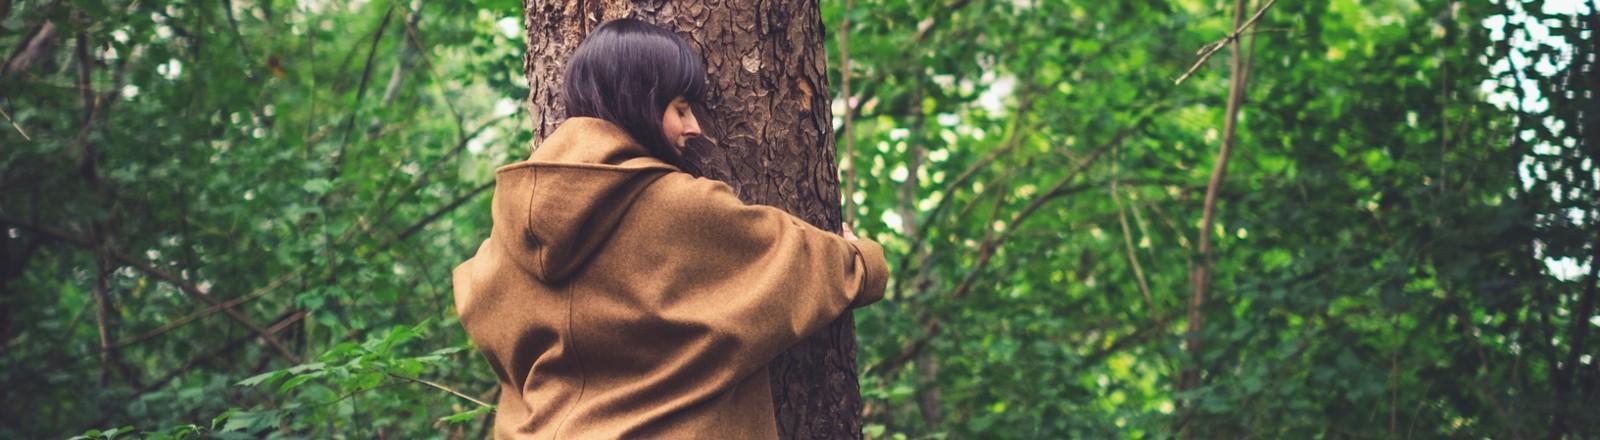 Frau im Wald, die einen Baum umarmt.